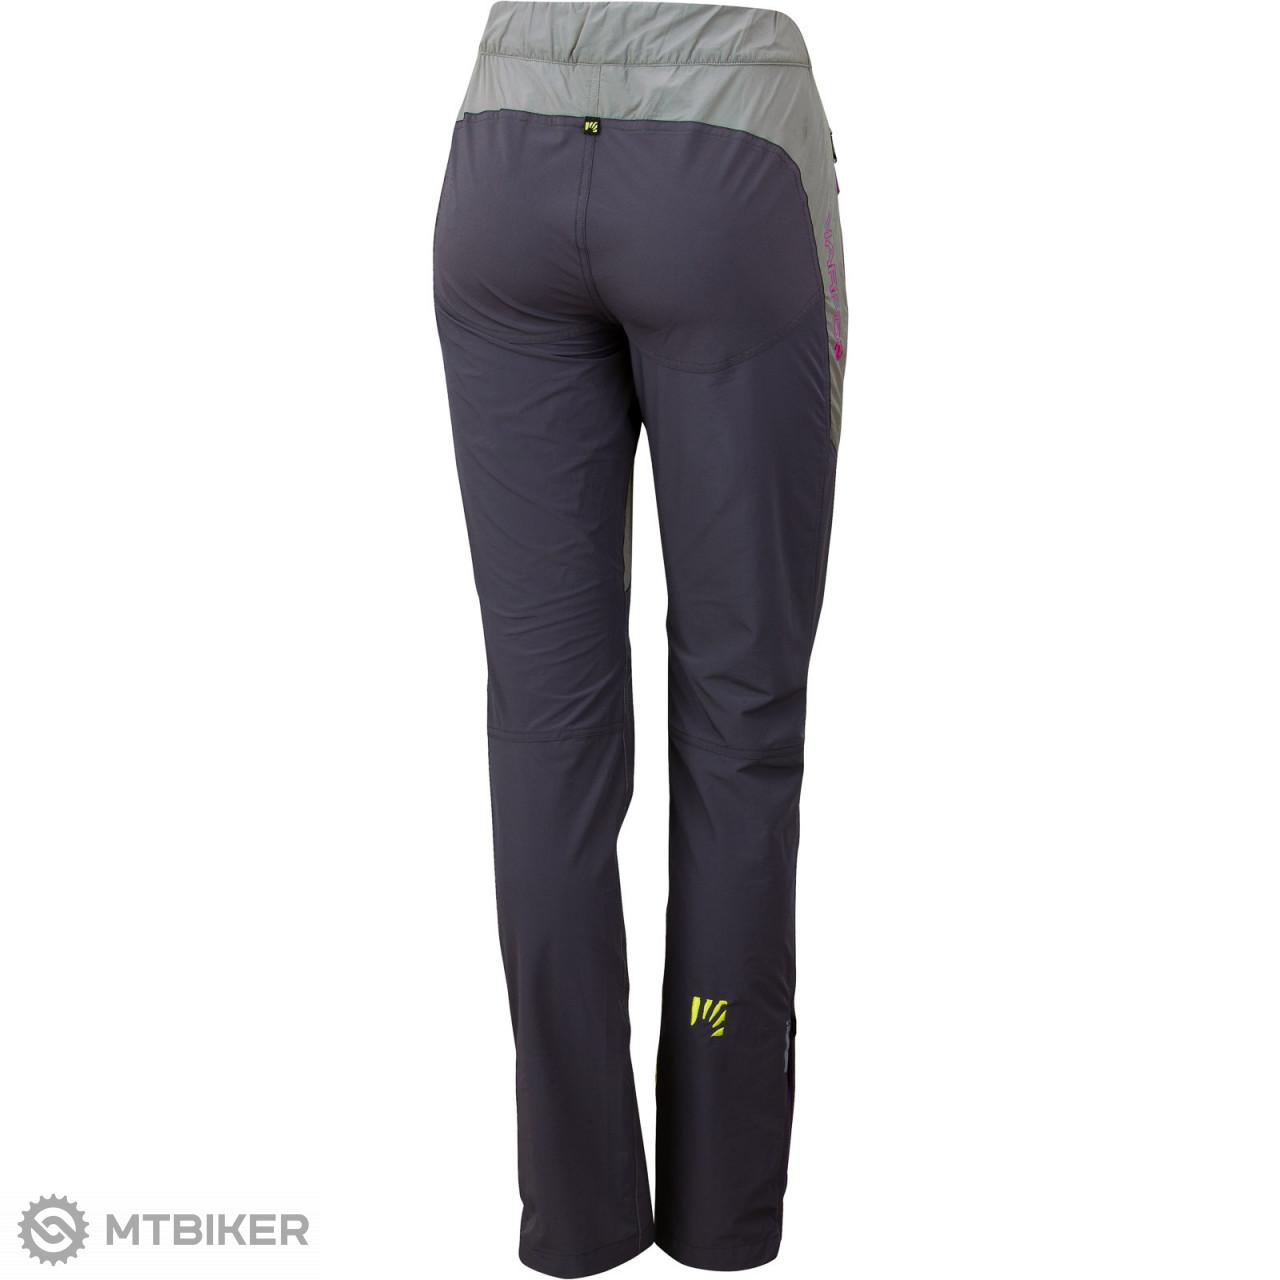 e829be3c3c8d2 Karpos ROCK FLY dámske nohavice sivé/antracit - MTBIKER Shop